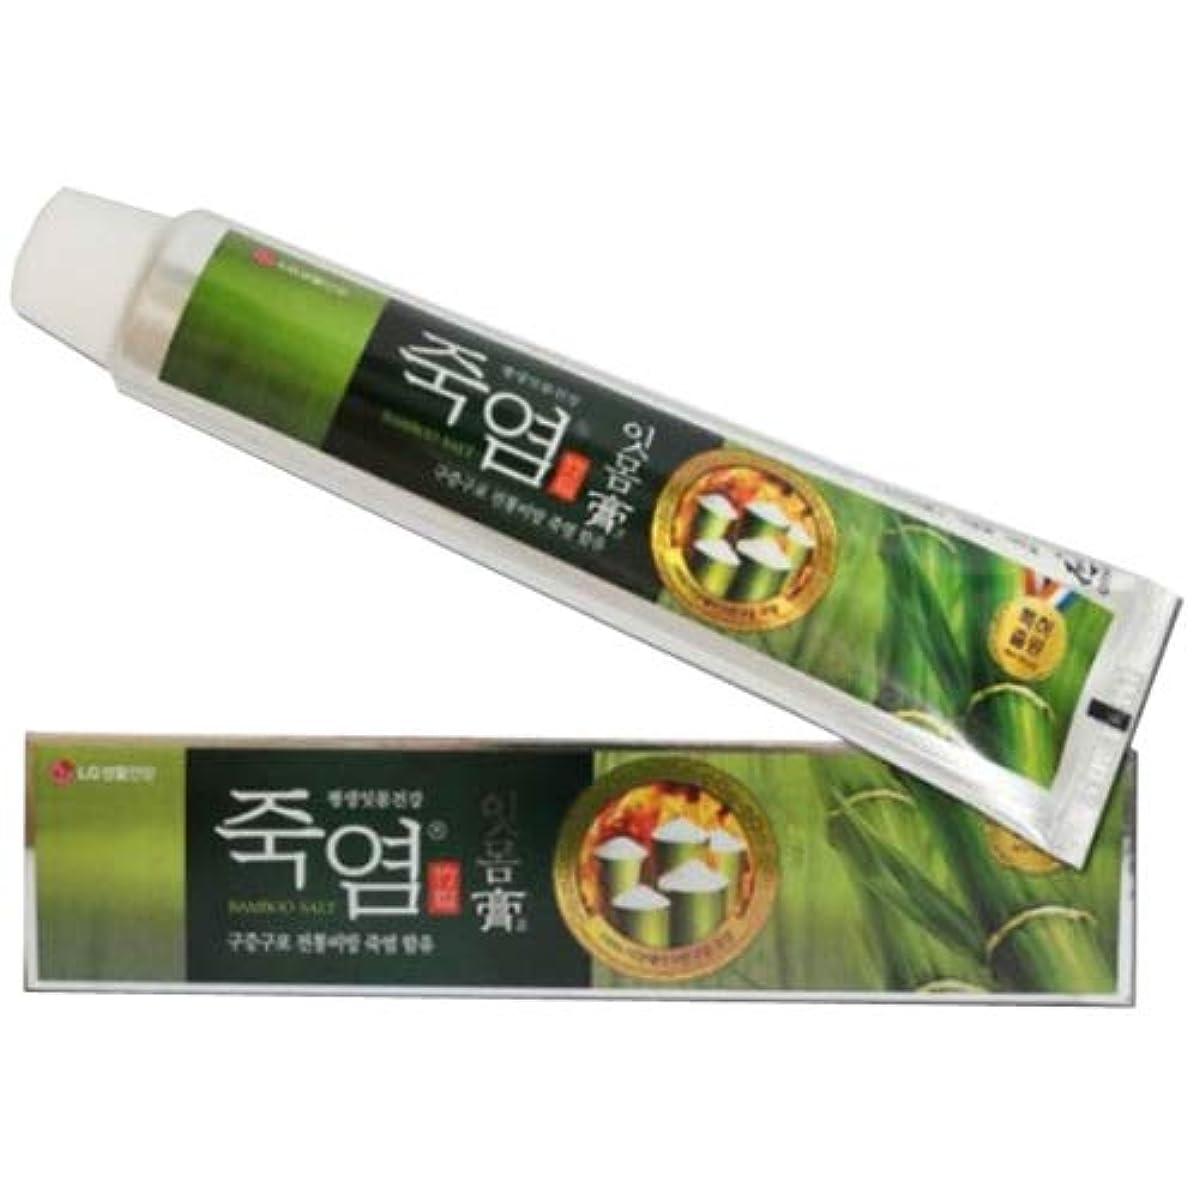 有効化樹皮掃くLG生活健康 竹塩歯磨き粉 (歯康膏:ウンガンゴ)(120gx3個) 歯肉炎の予防 歯茎の出血予防